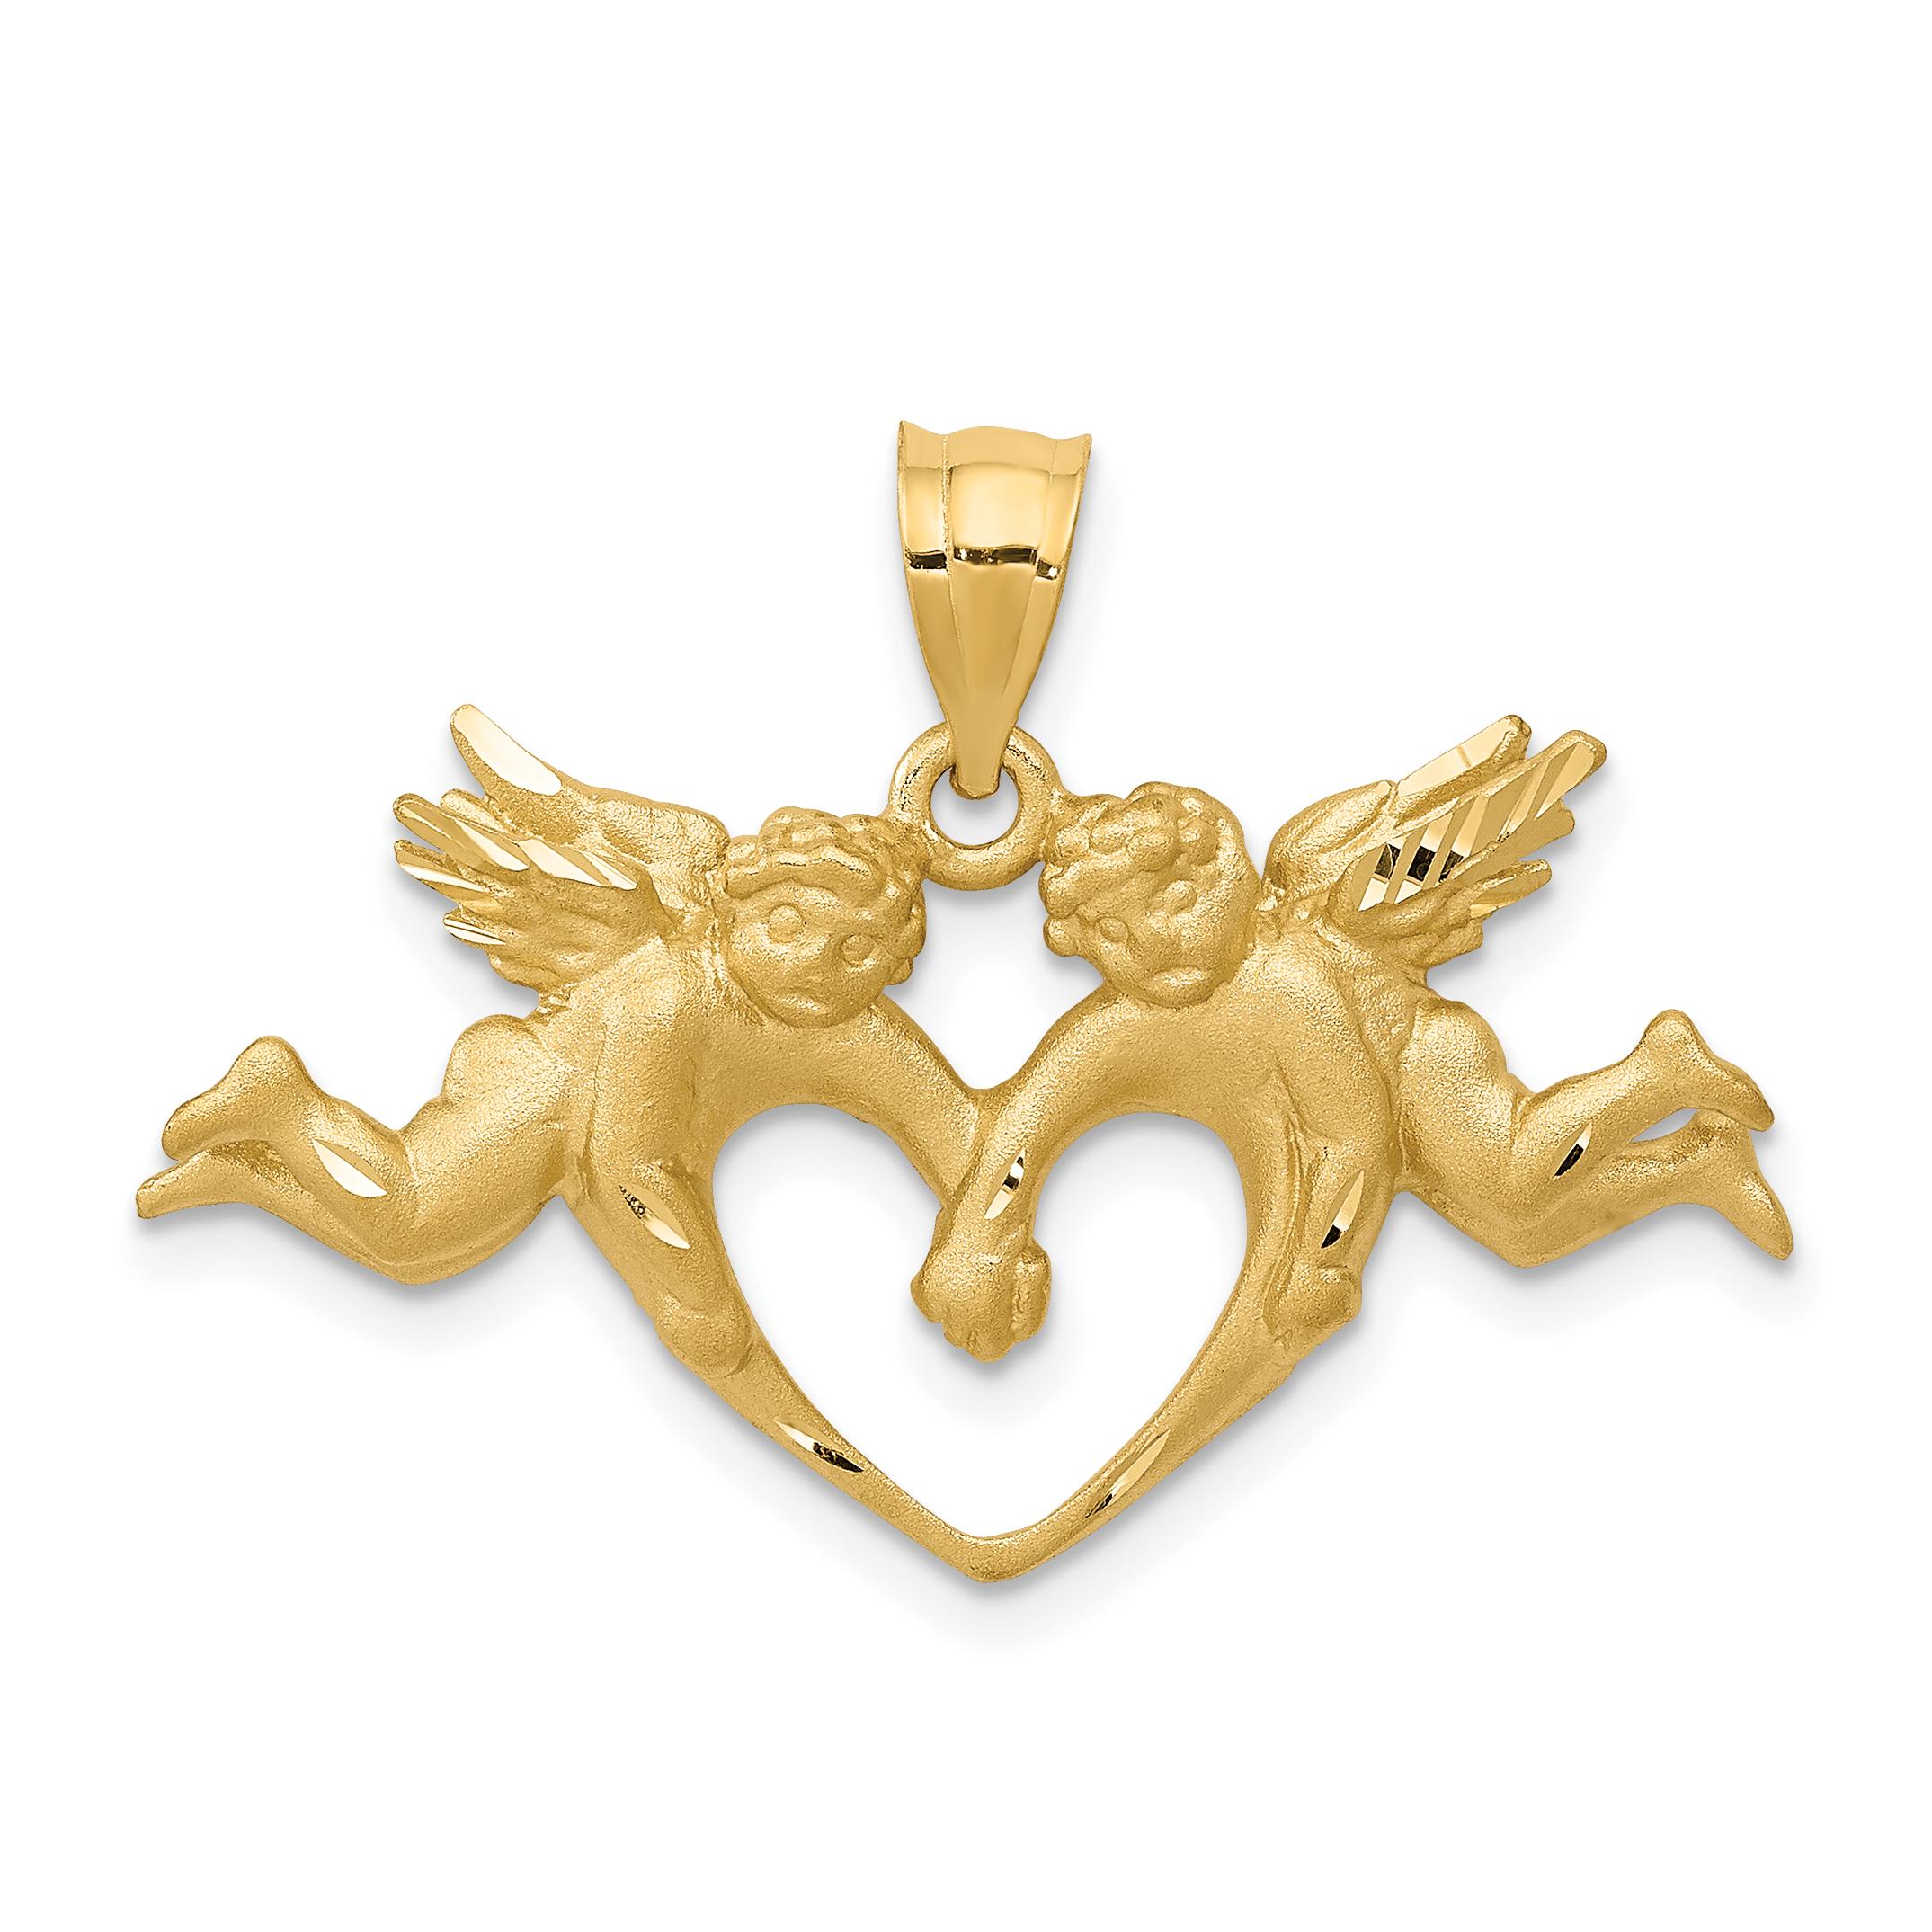 14k Satin Angels Heart Pendant. Weight: 3.27, Length: 22, Width: 30